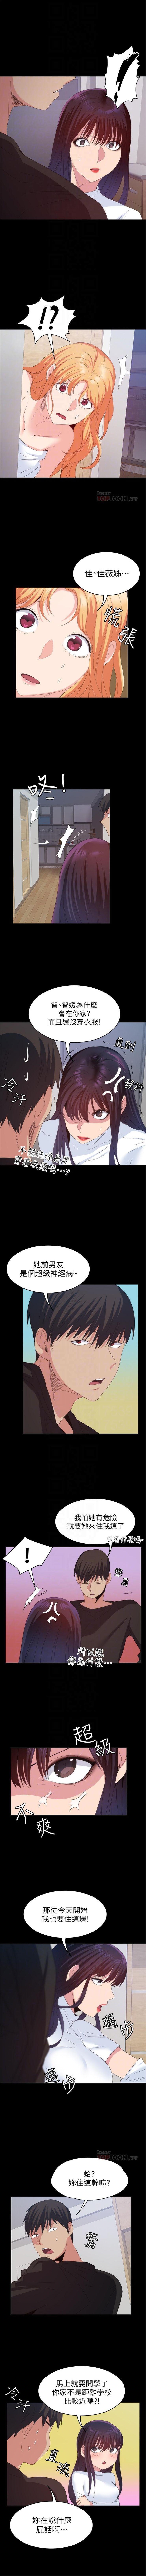 (周2)退货女友 1-23 中文翻译(更新中) 149